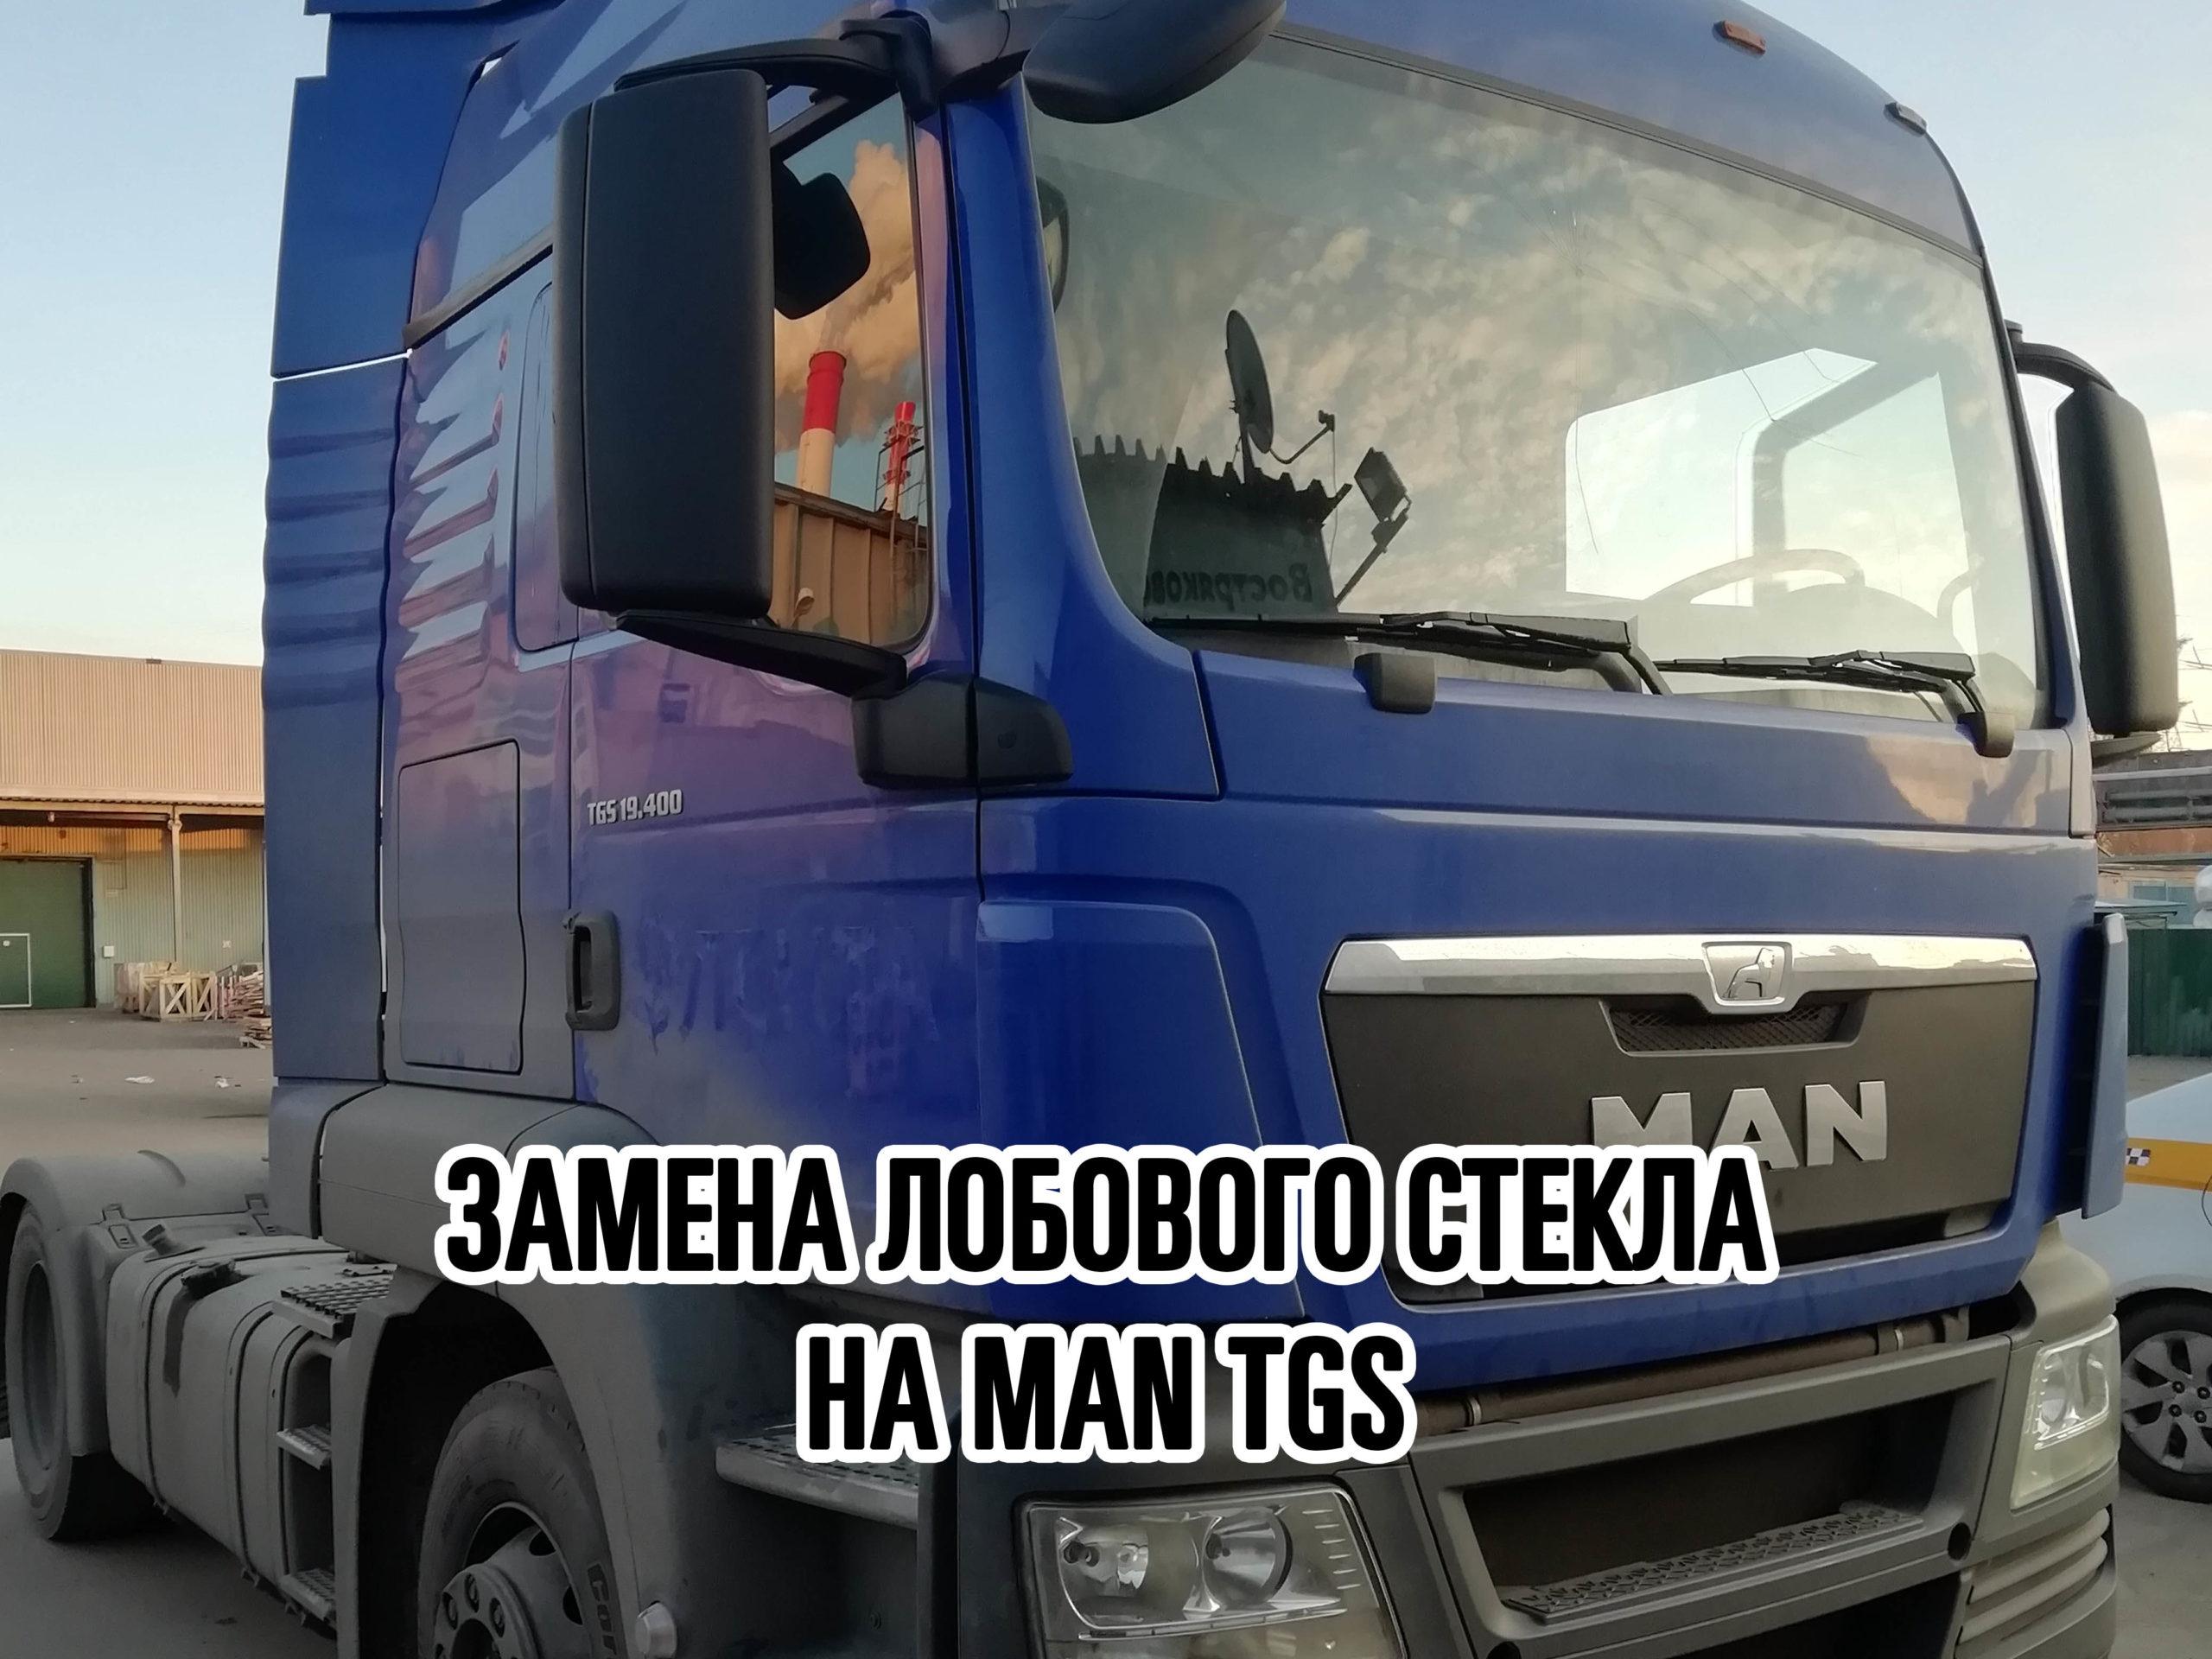 Лобовое стекло на MAN TGS купить и установить в Москве